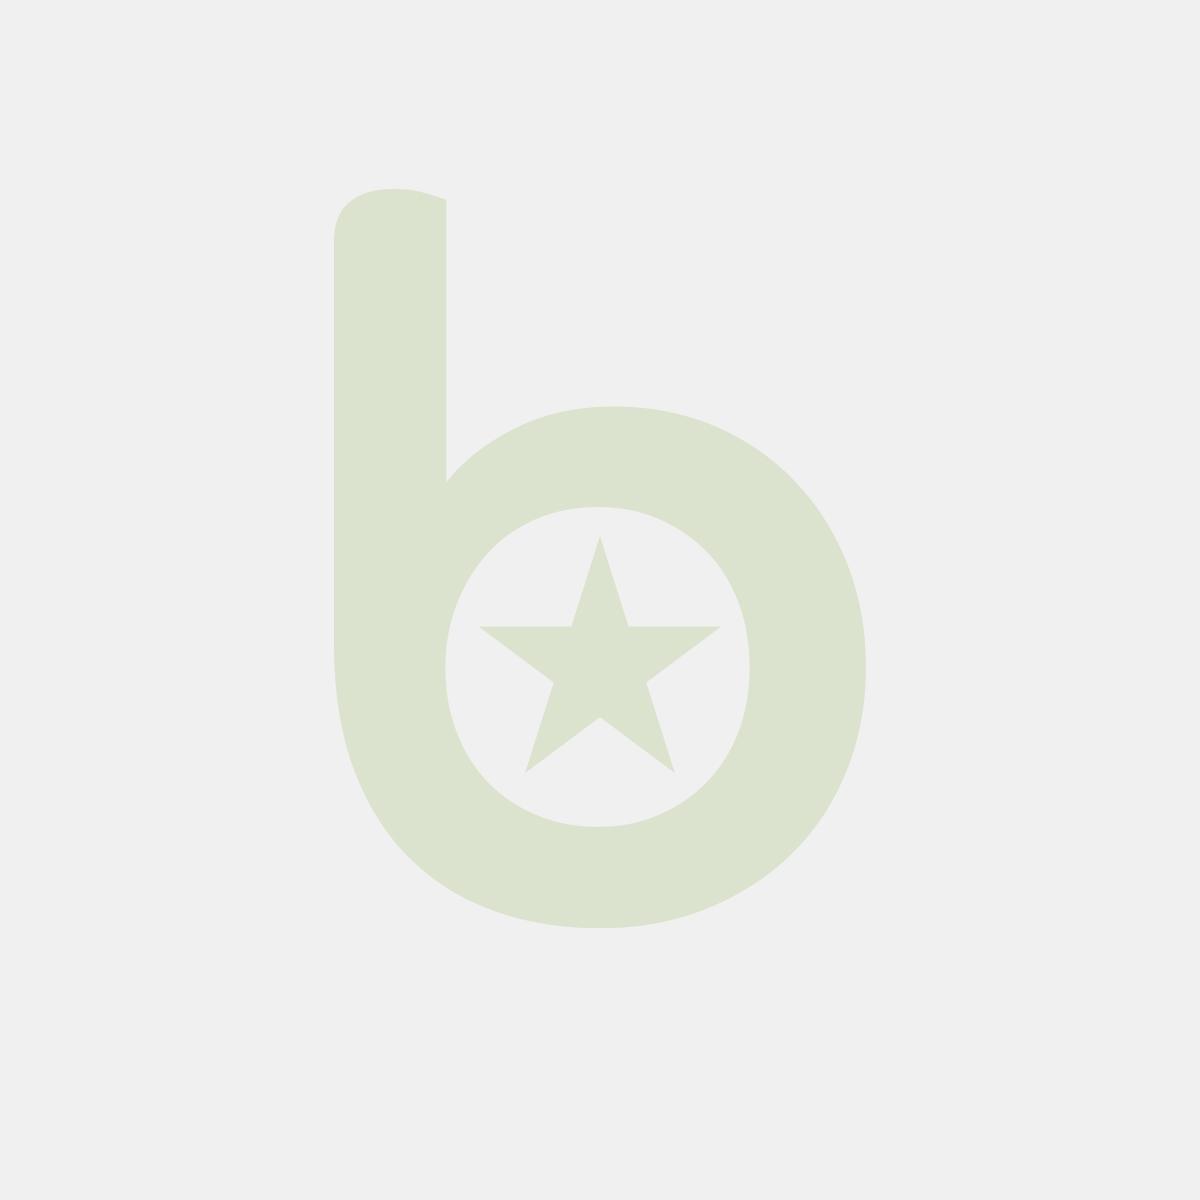 Wkład Office 765 do długopisu SCHNEIDER, M, format X20, zielony